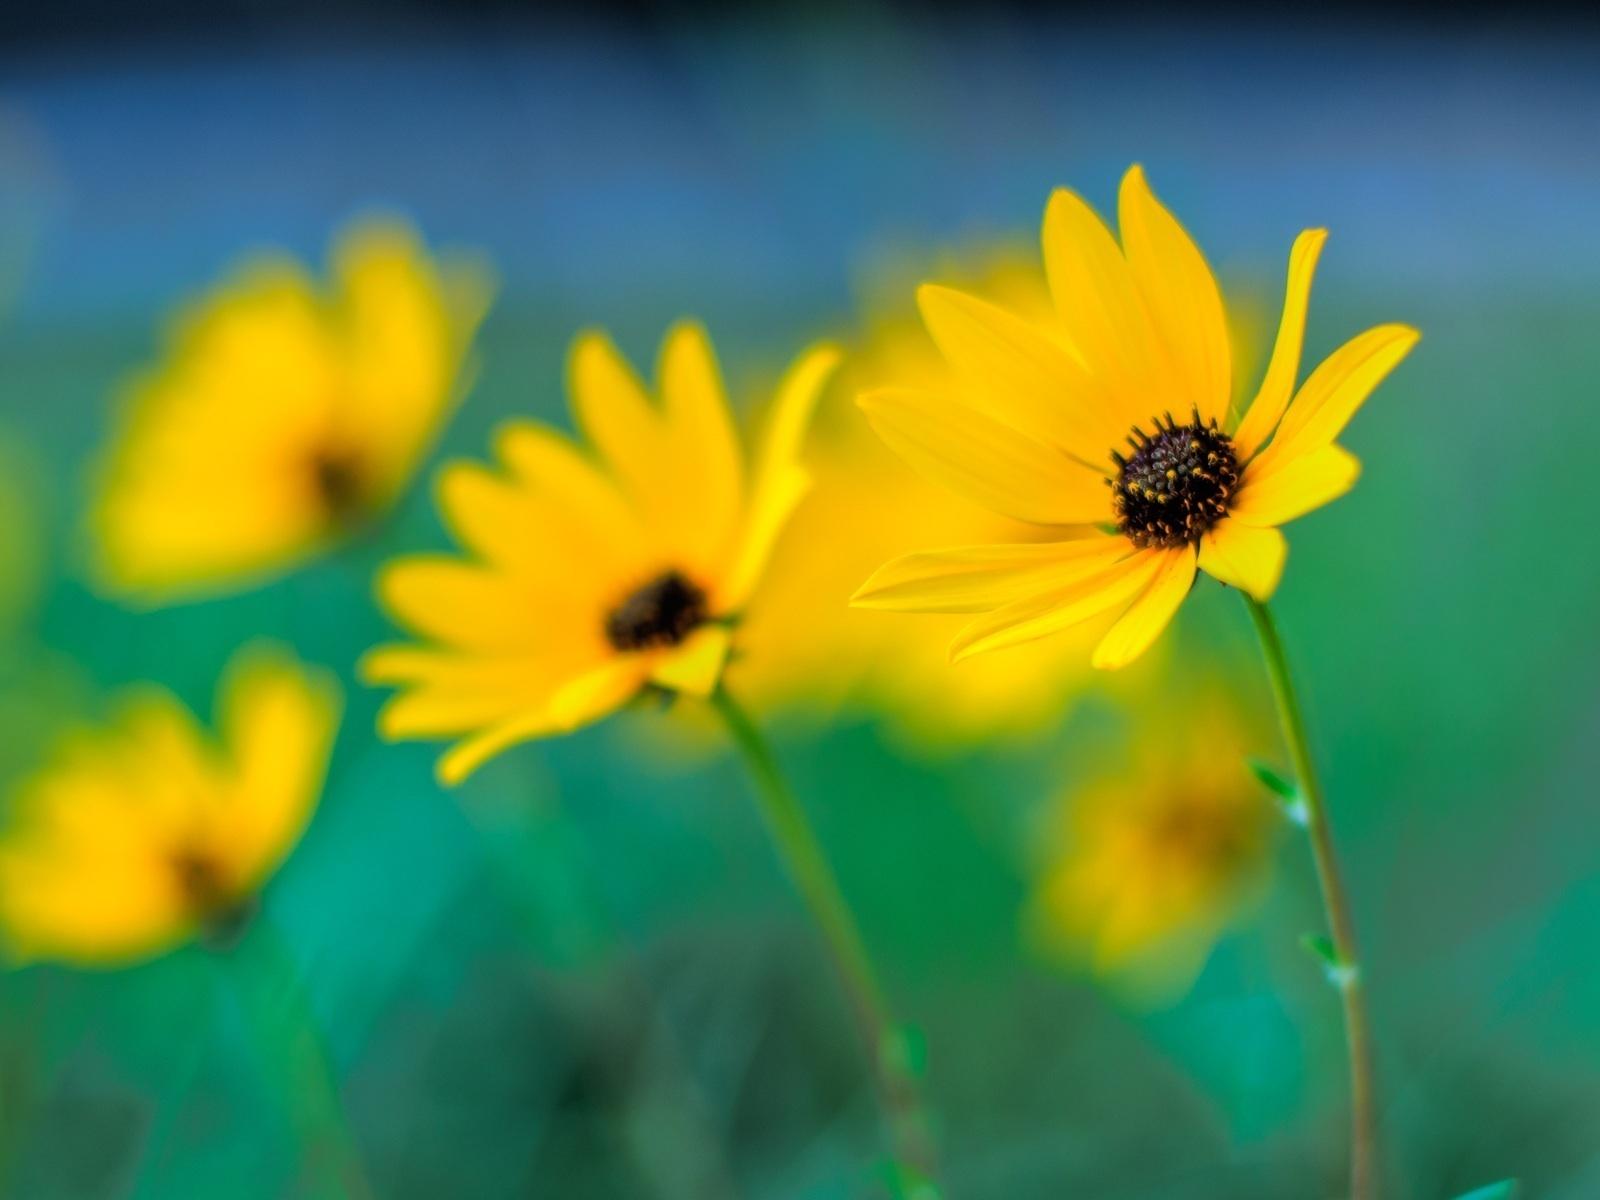 желтые, боке, фокус, цветы, Макро, размытие